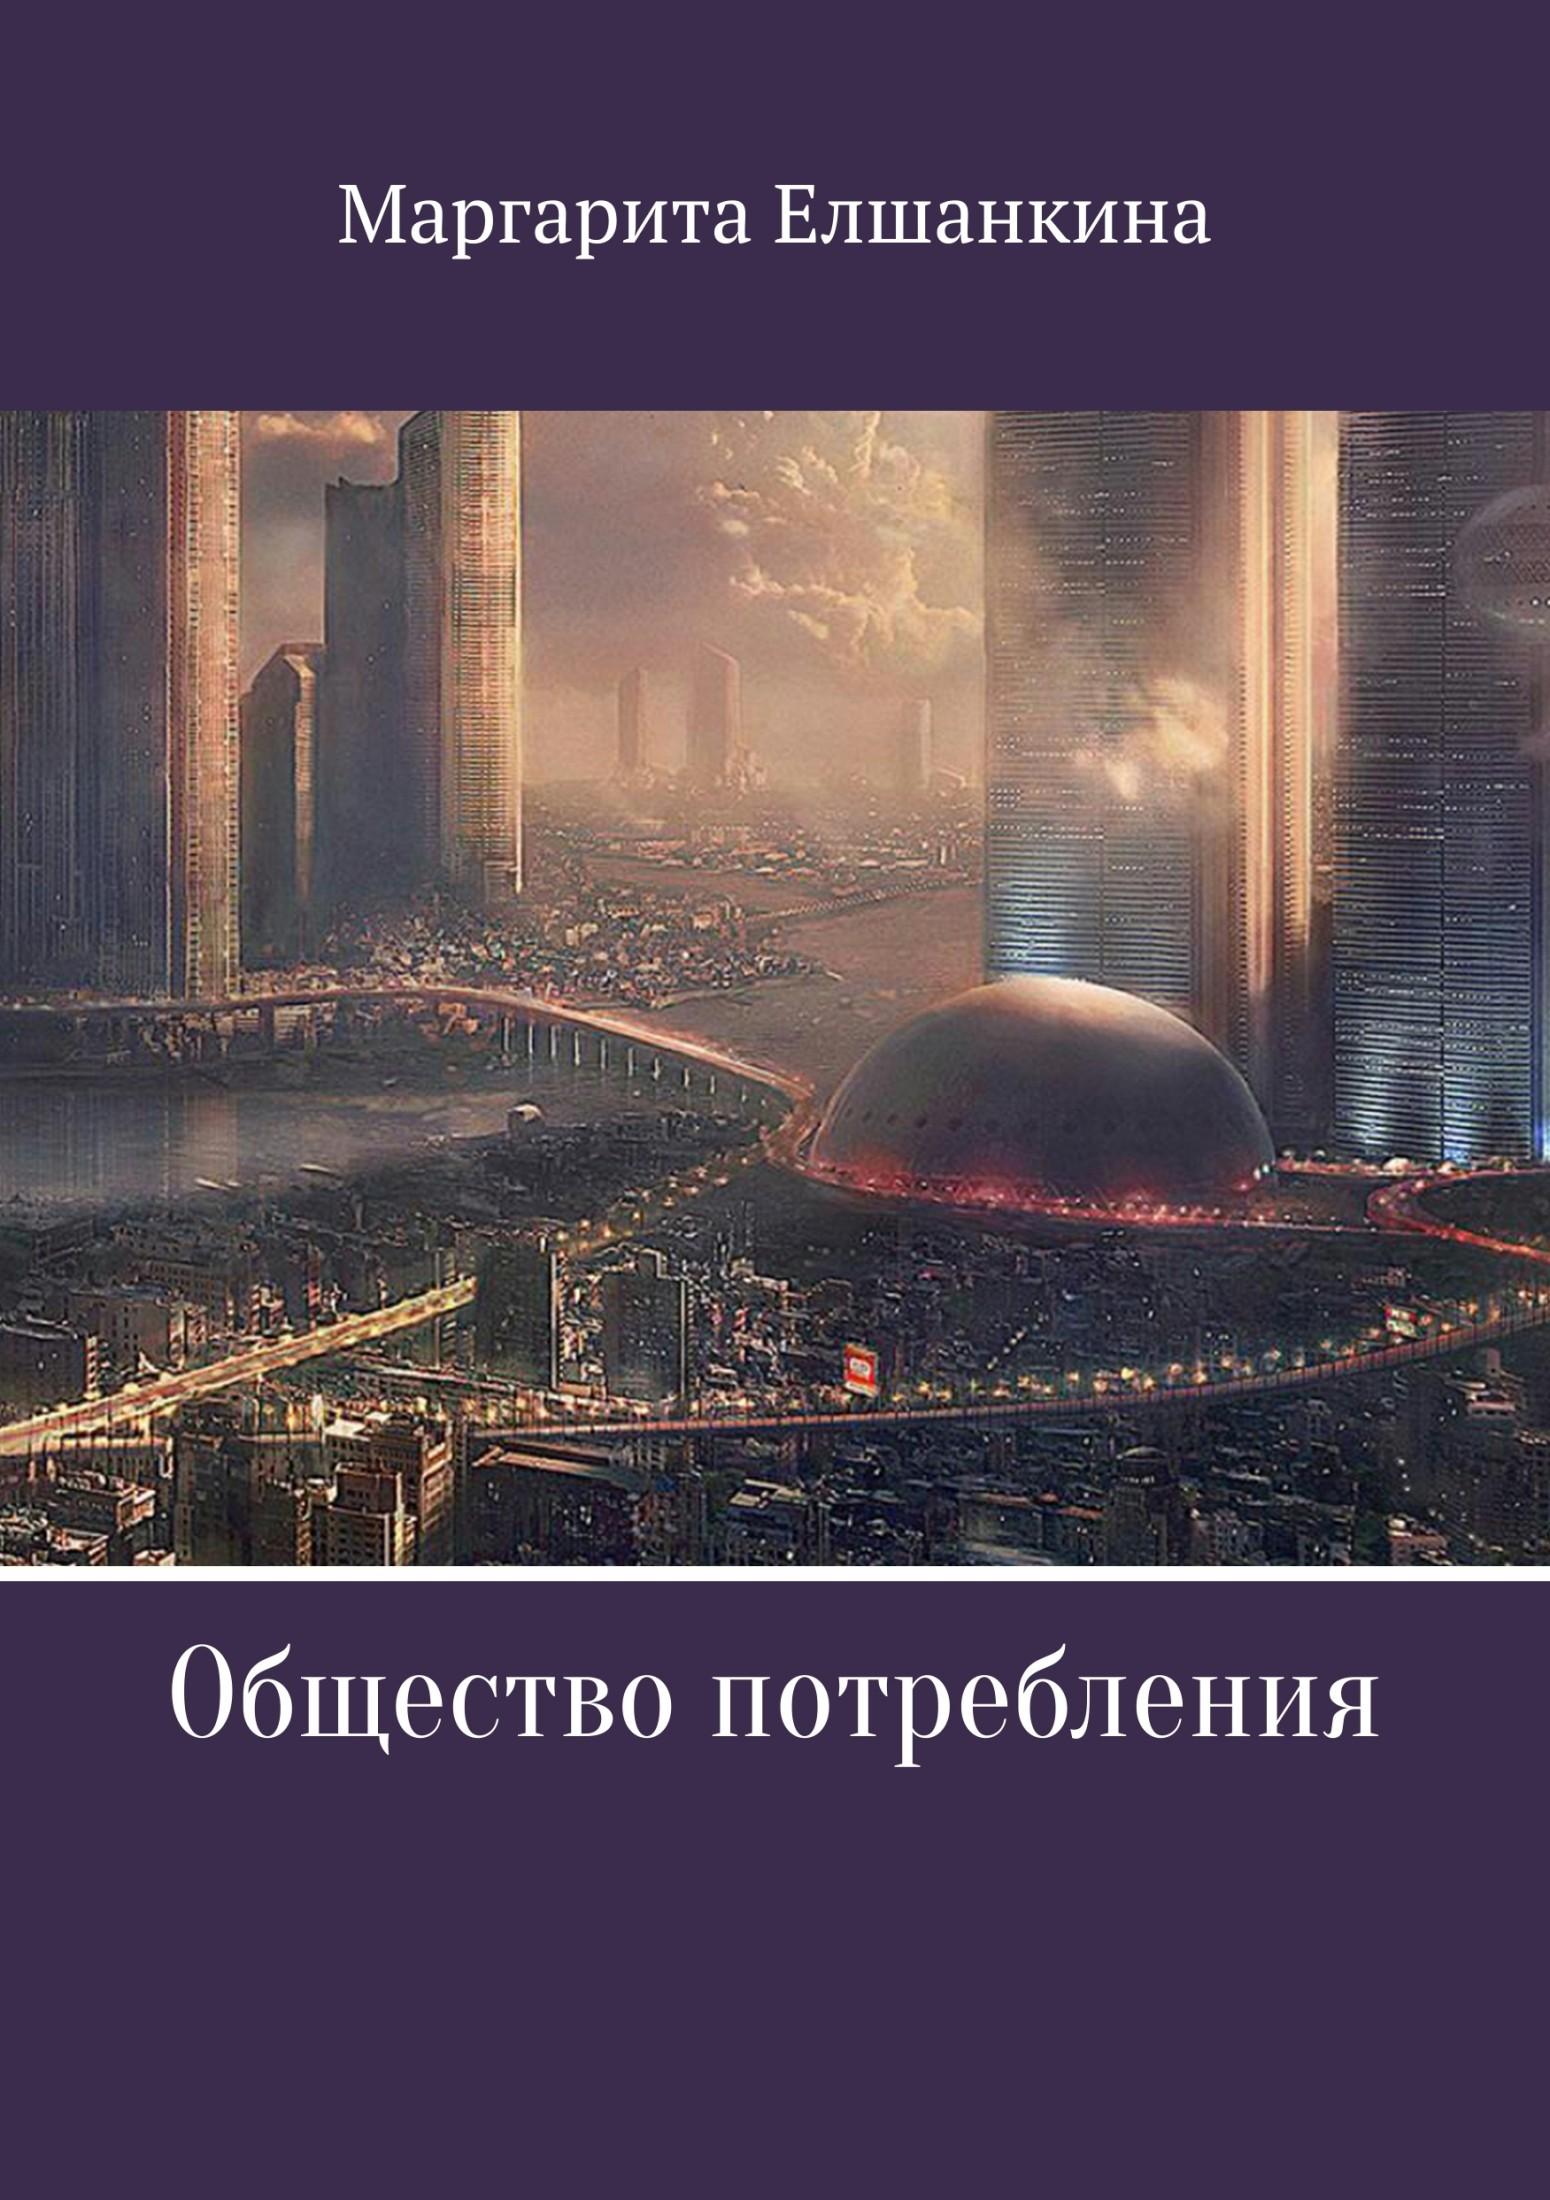 Маргарита Вадимовна Елшанкина. Общество потребления